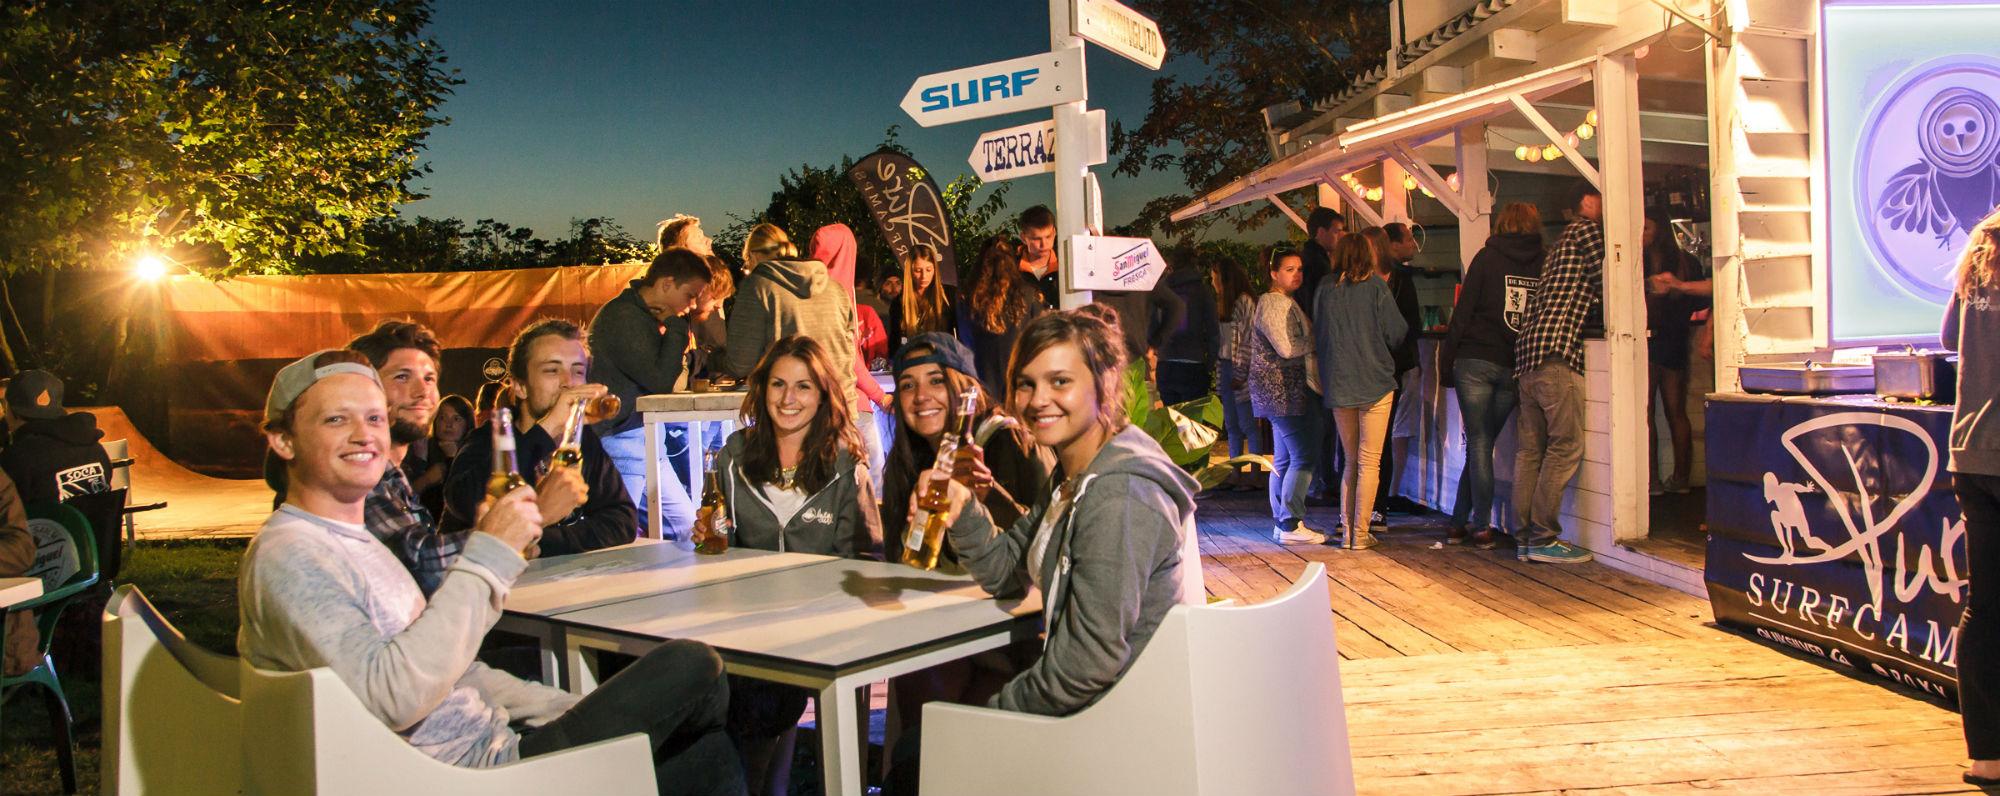 Spaß wird im Surfhouse Santander groß geschrieben.